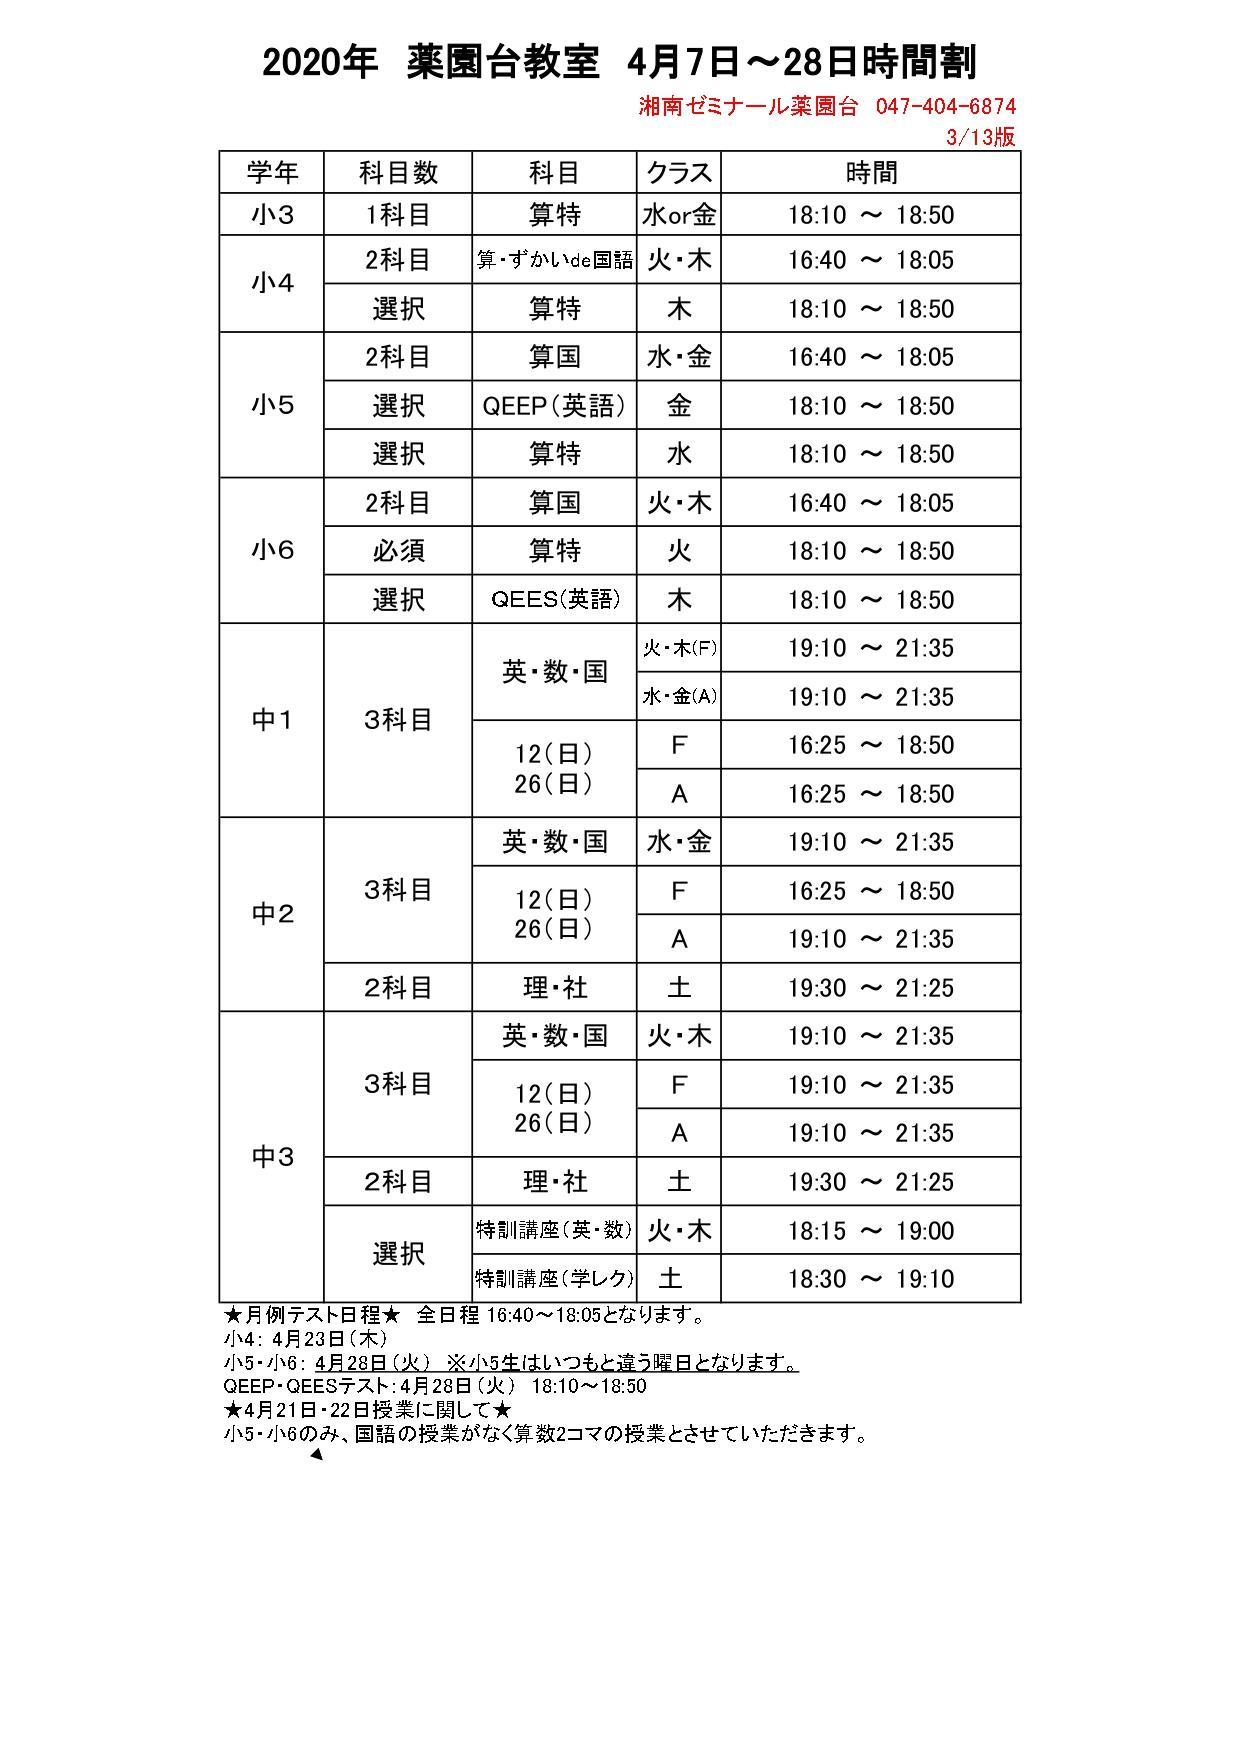 2020 4月時間割まとめ_page-0001.jpg